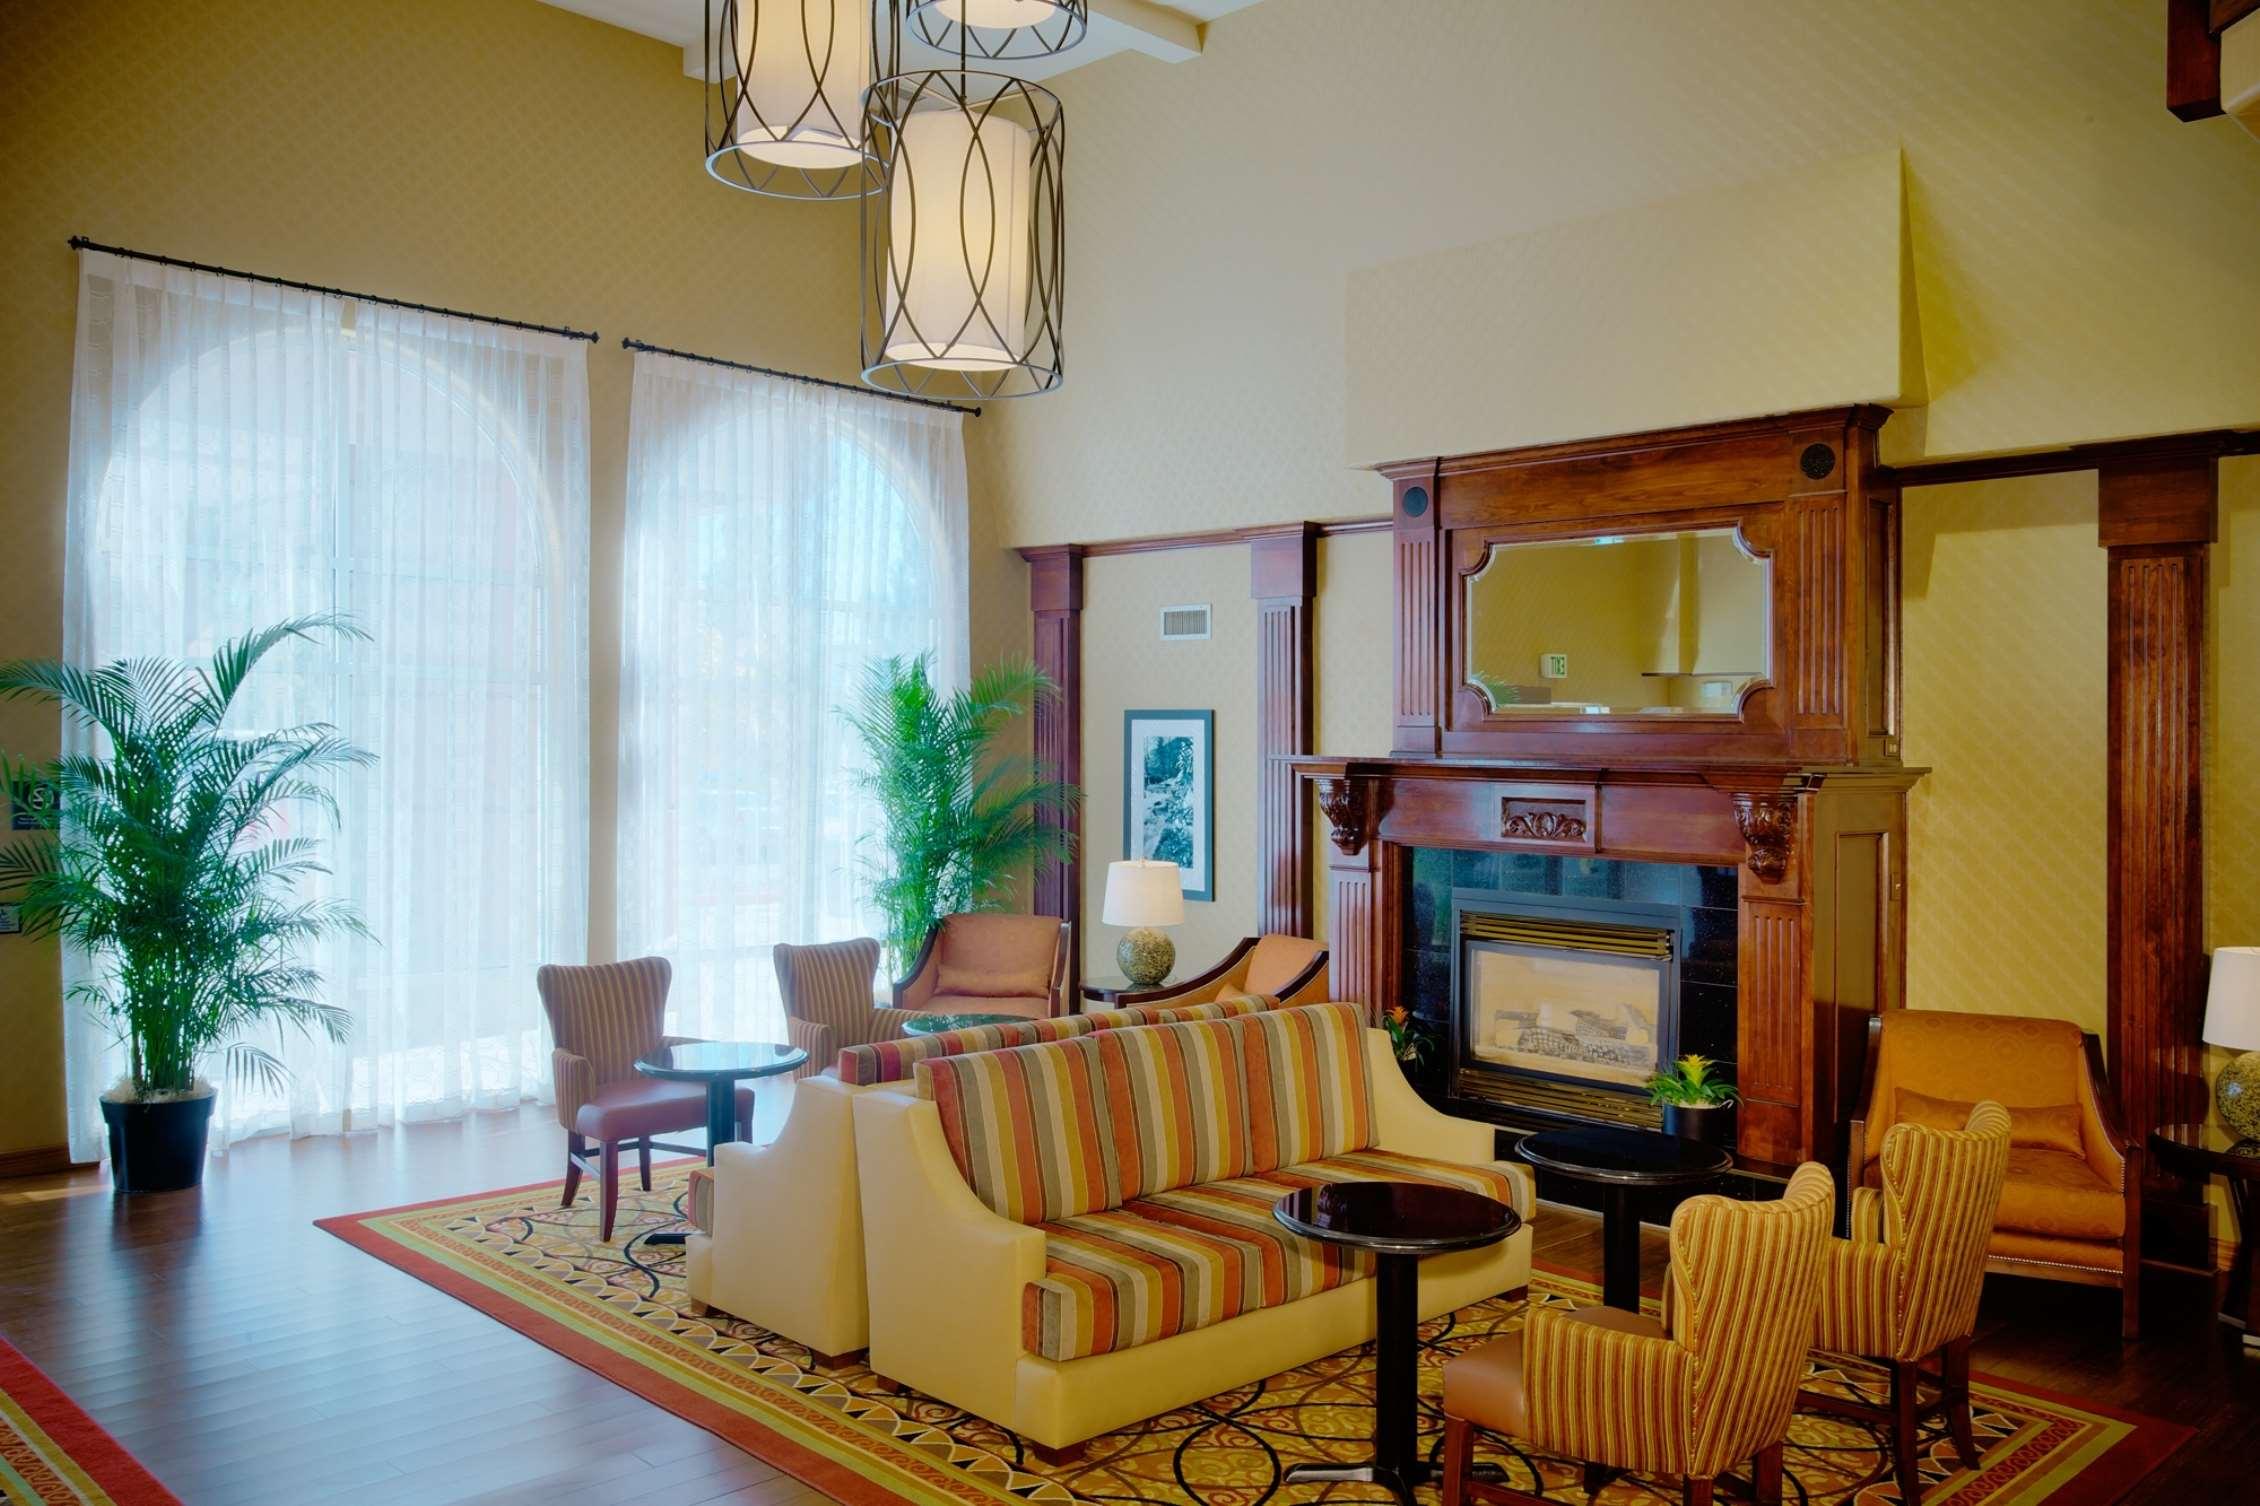 Hampton Inn & Suites Salt Lake City Airport image 2